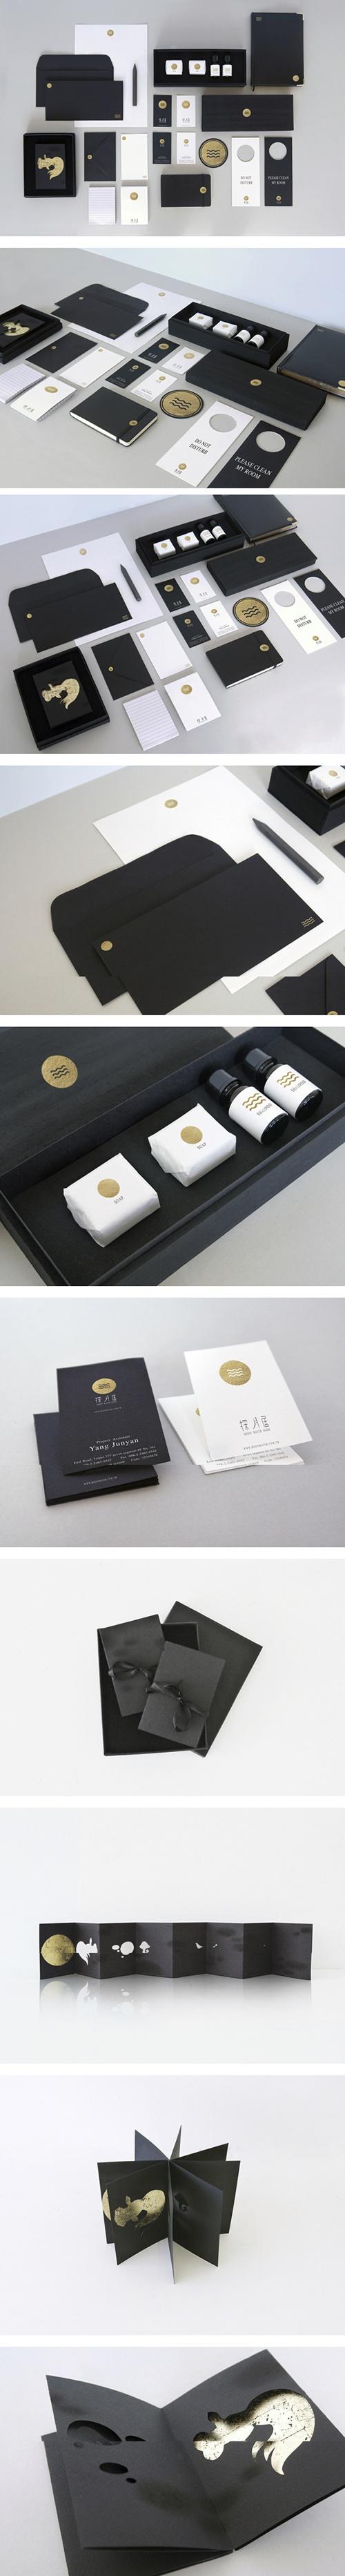 MOON WATER HOME HOTEL | Shou-Wei Tsai #packaging #branding #marketing PD